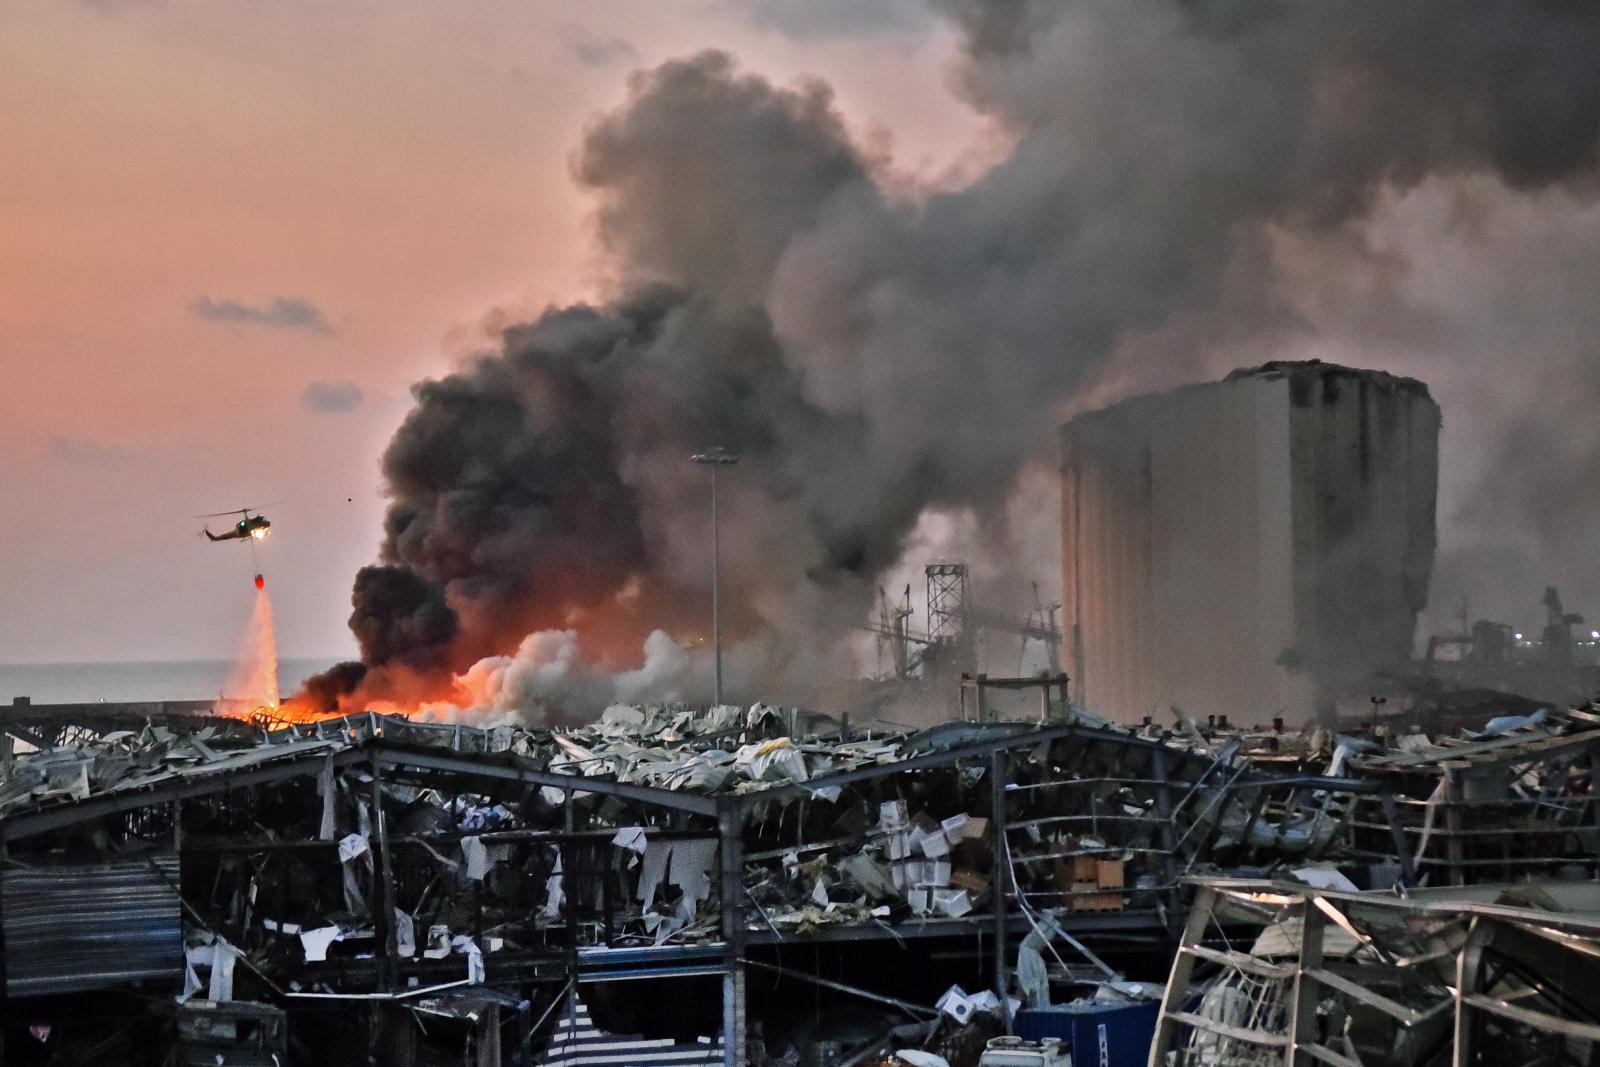 เกิดเหตุระเบิดใหญ่ ท่าเรือกรุงเบรุต เลบานอน ผู้คนเสียชีวิตจำนวนมาก